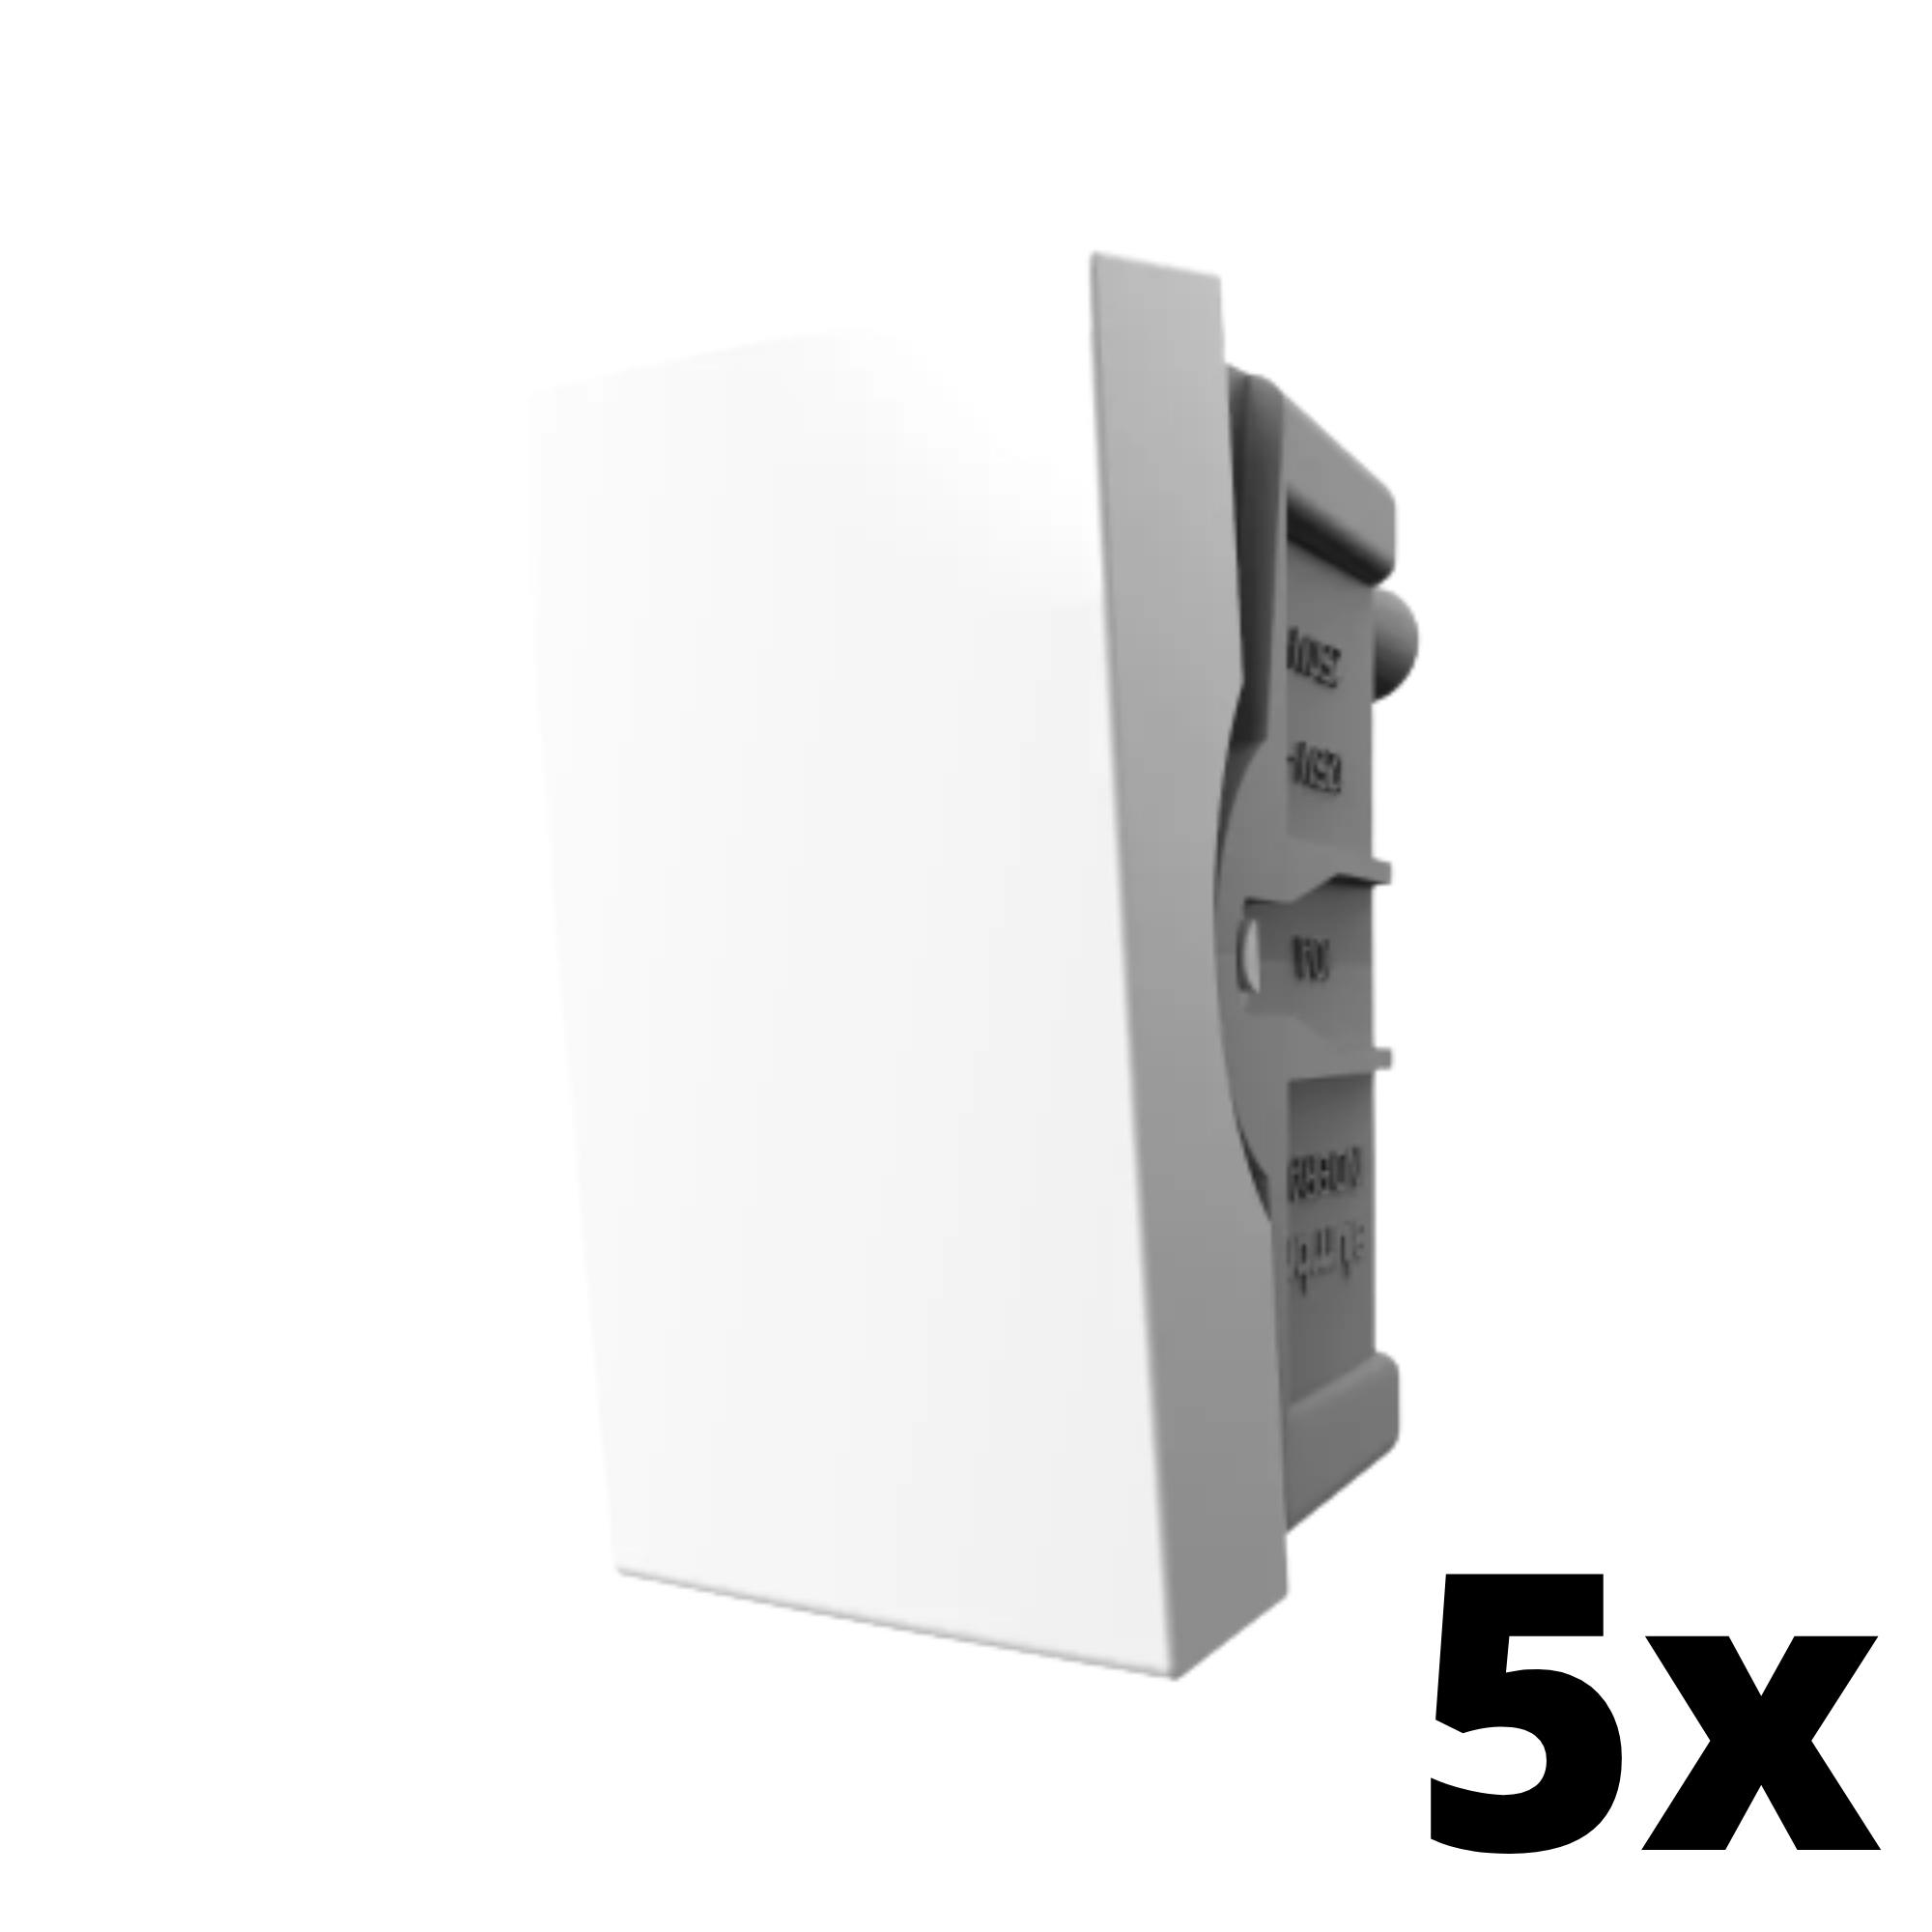 Kit 5 und Inova Pró Módulo de Interruptor Simples